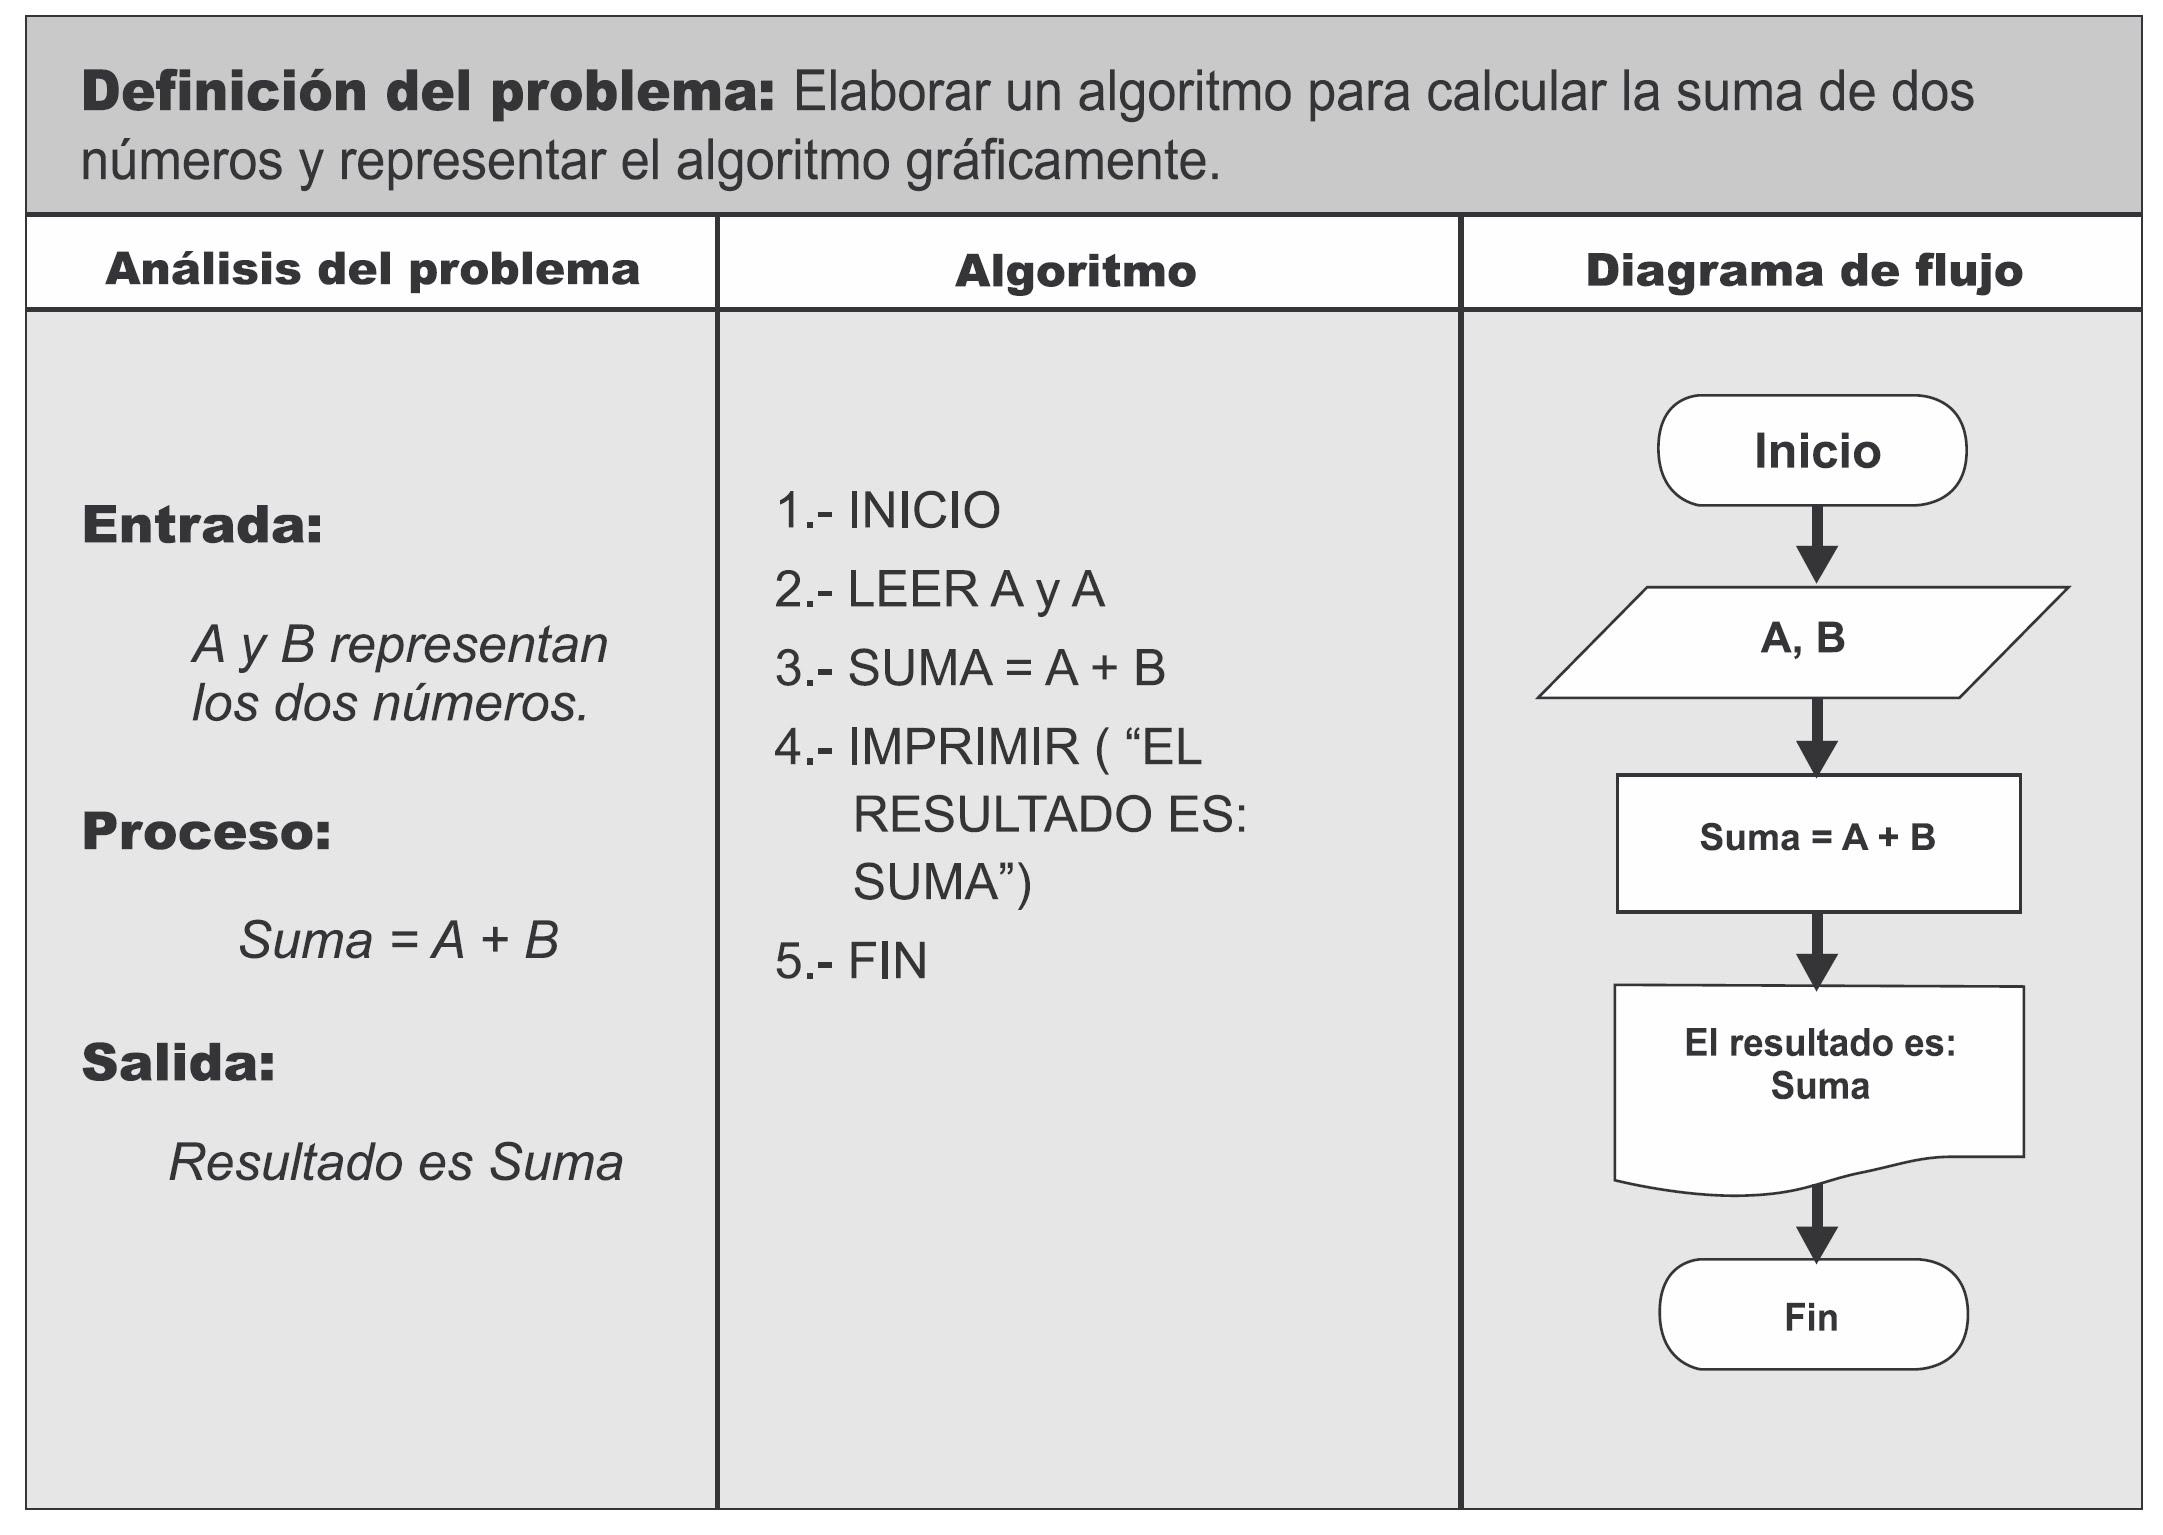 Tema 3 algoritmos ejemplos de diagramas de flujo estructuras condicionales ccuart Images